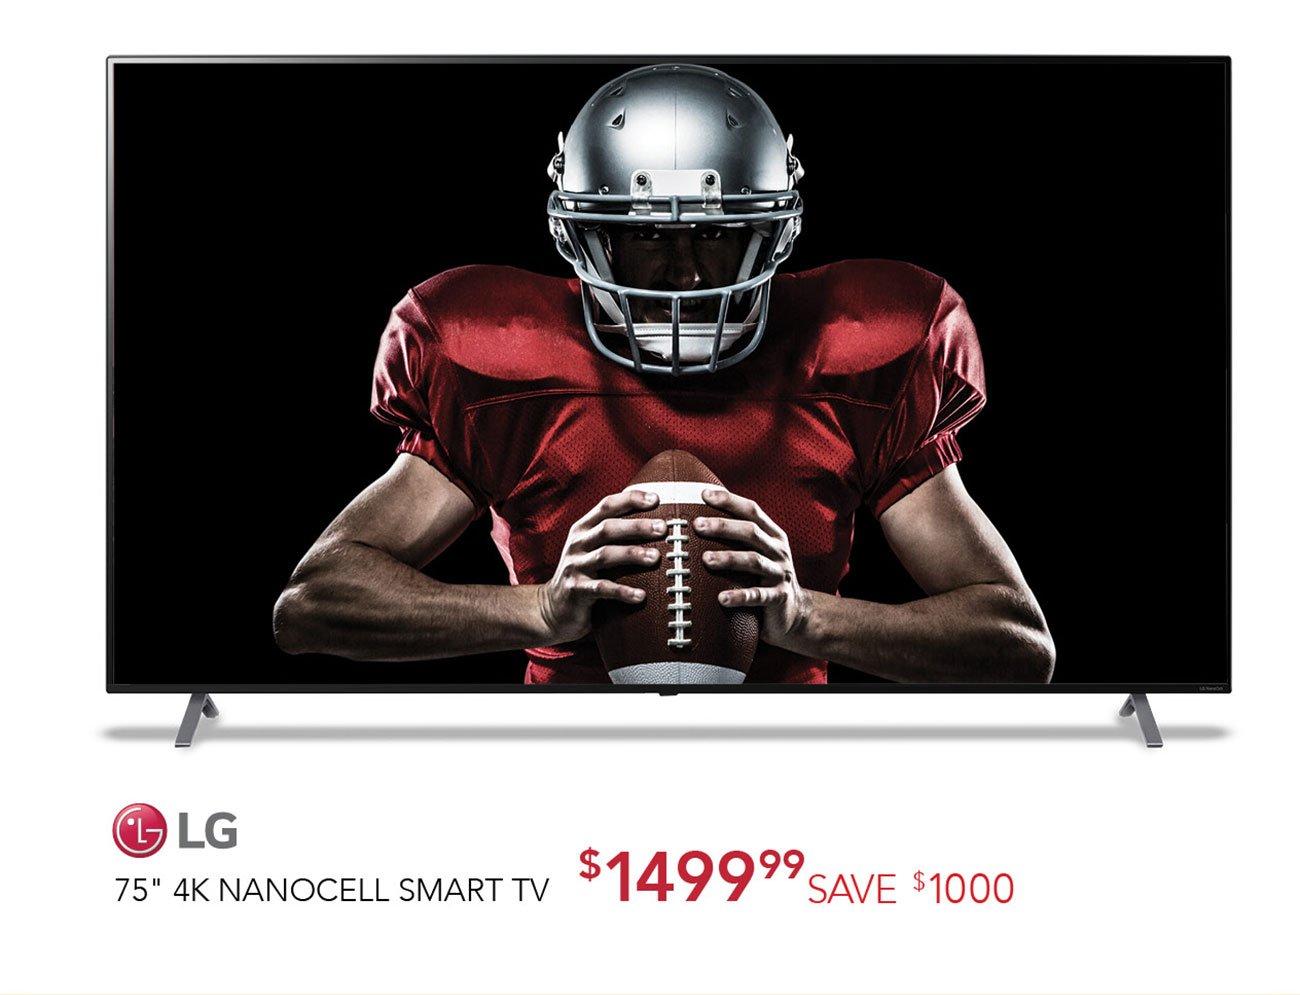 LG-nanocell-smart-TV